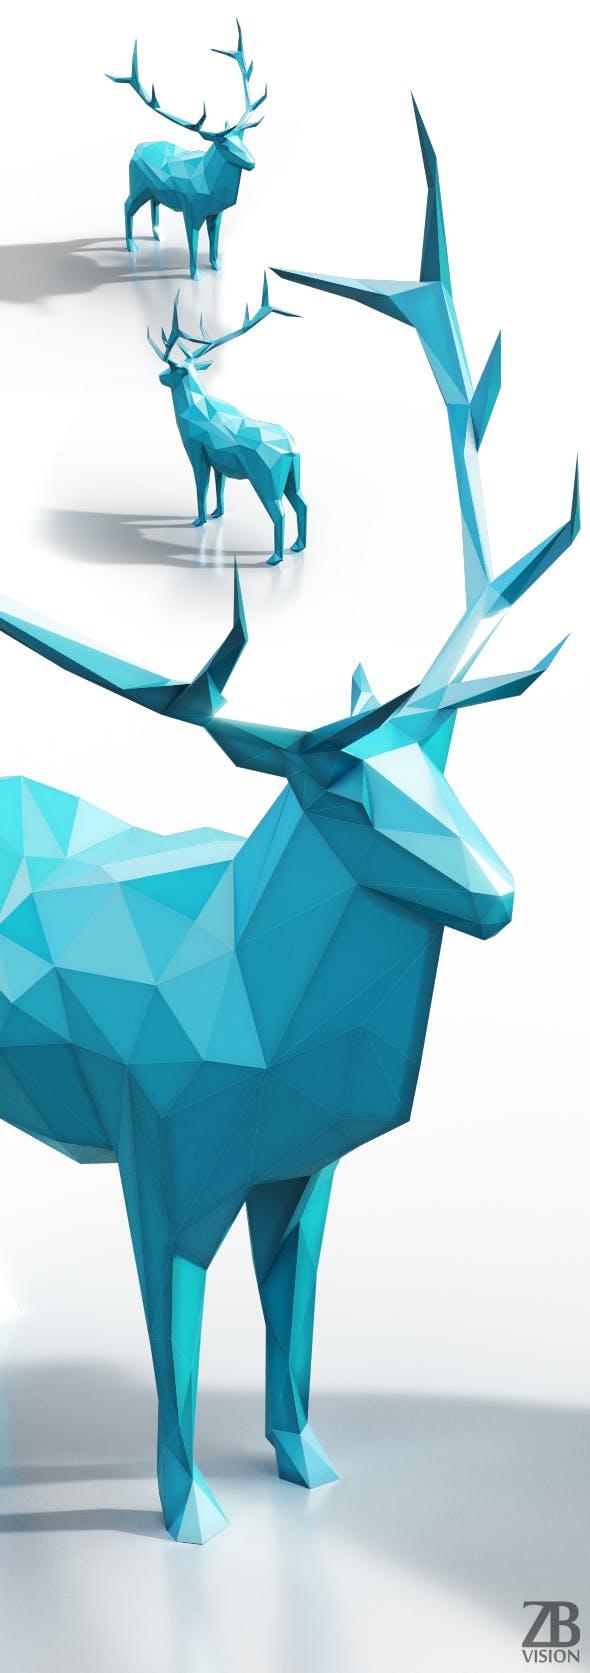 Lowpoly Elk - 3DOcean Item for Sale